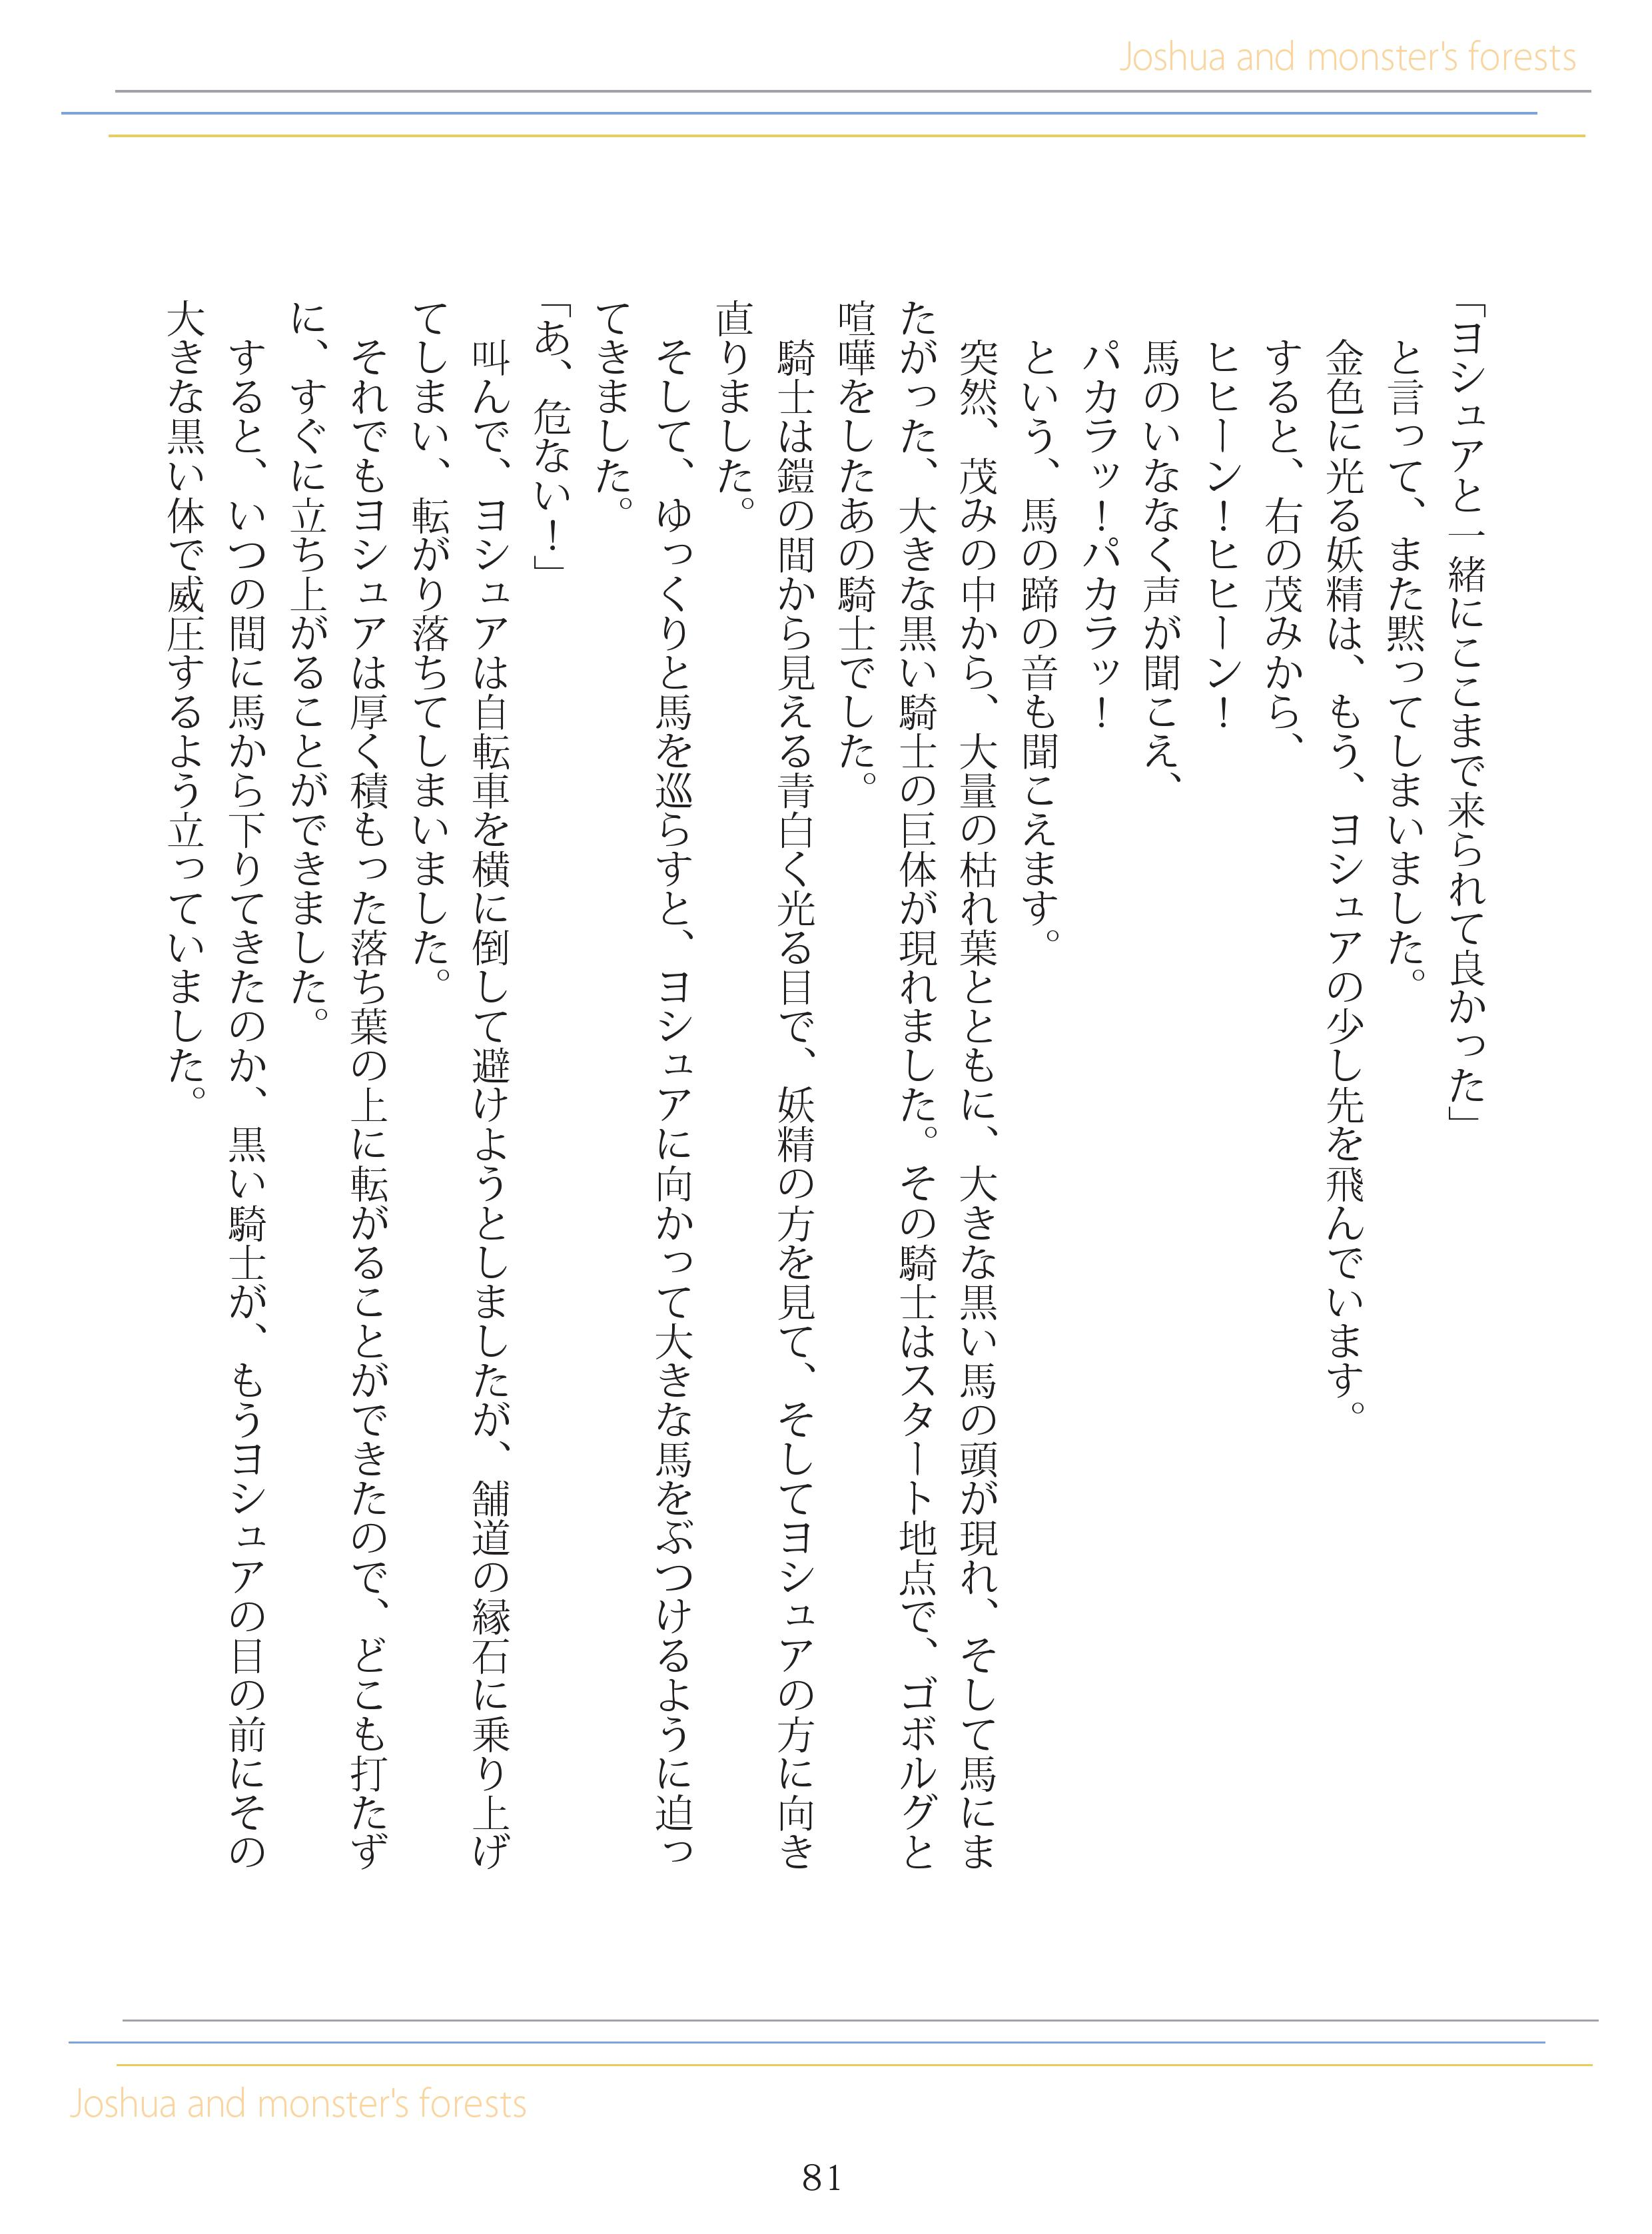 image_082